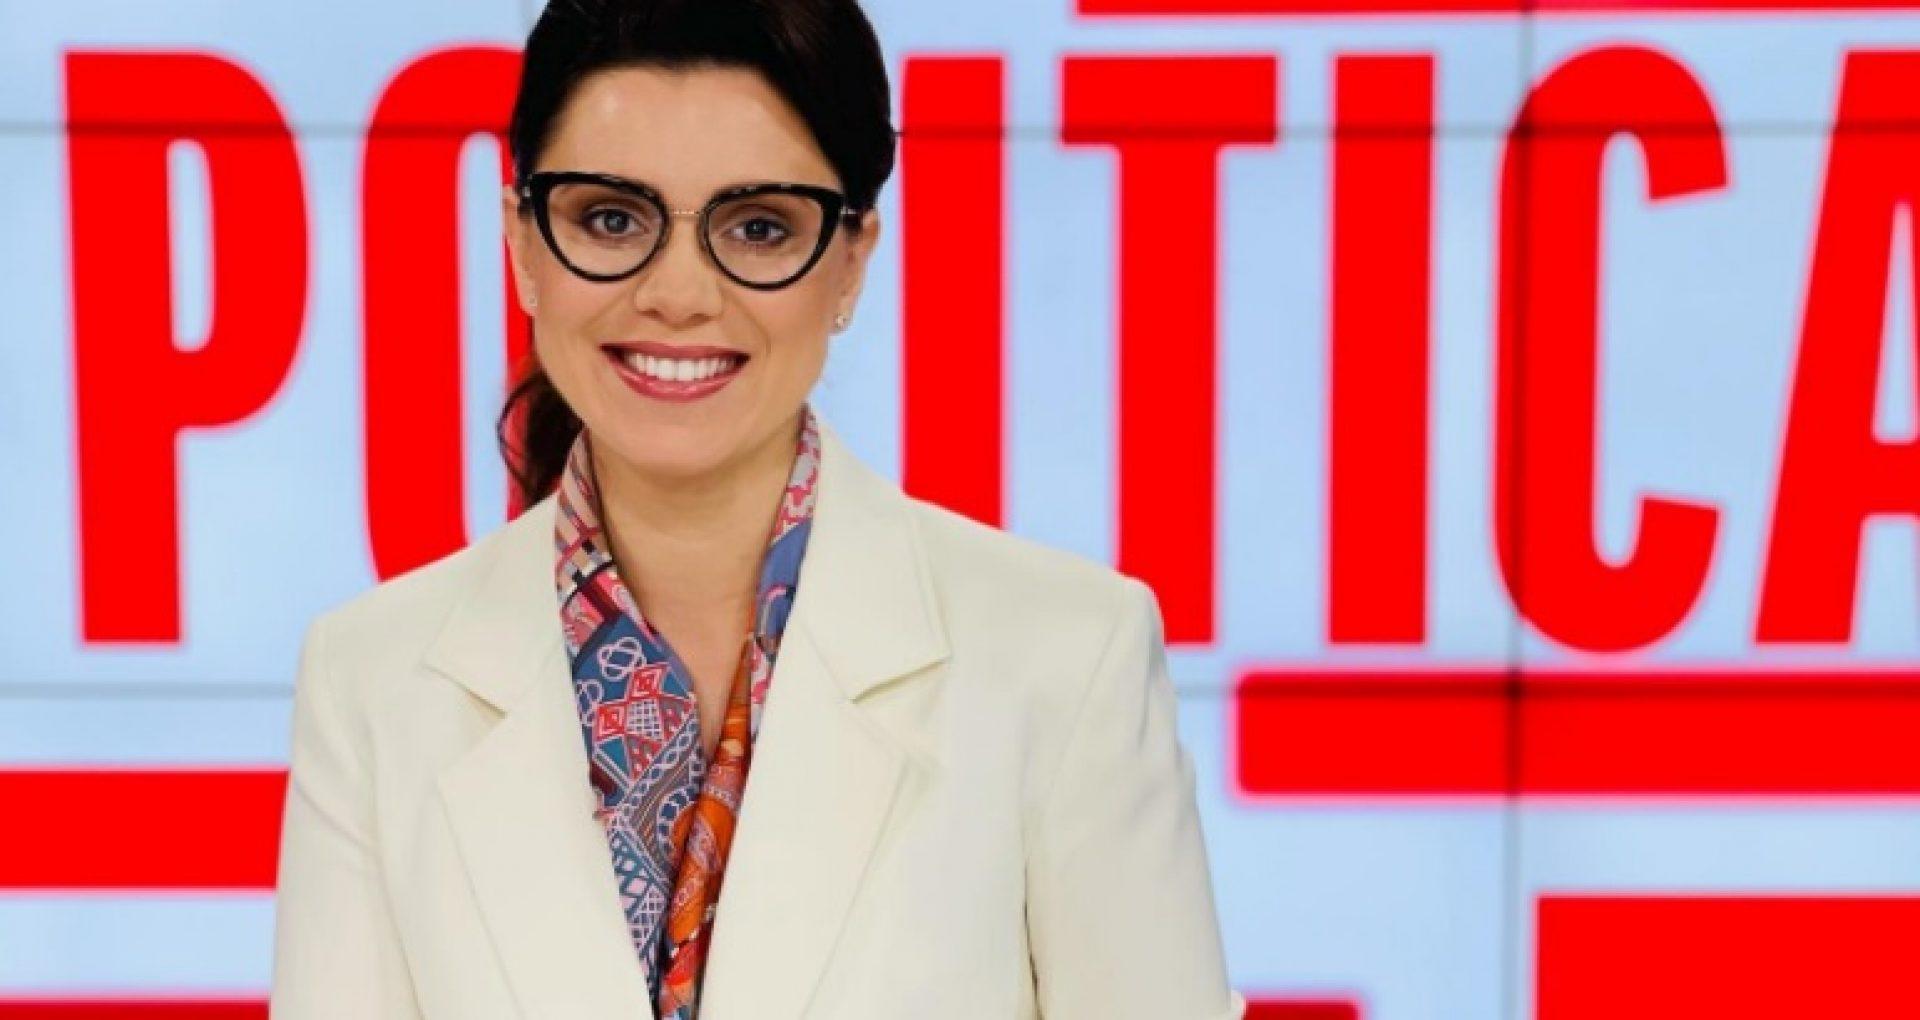 """Emisiunea """"Politica Nataliei Morari"""" de la tv8 se închide. Tv8: """"În urma conflictului de interese Natalia Morari și-a depus demisia"""""""